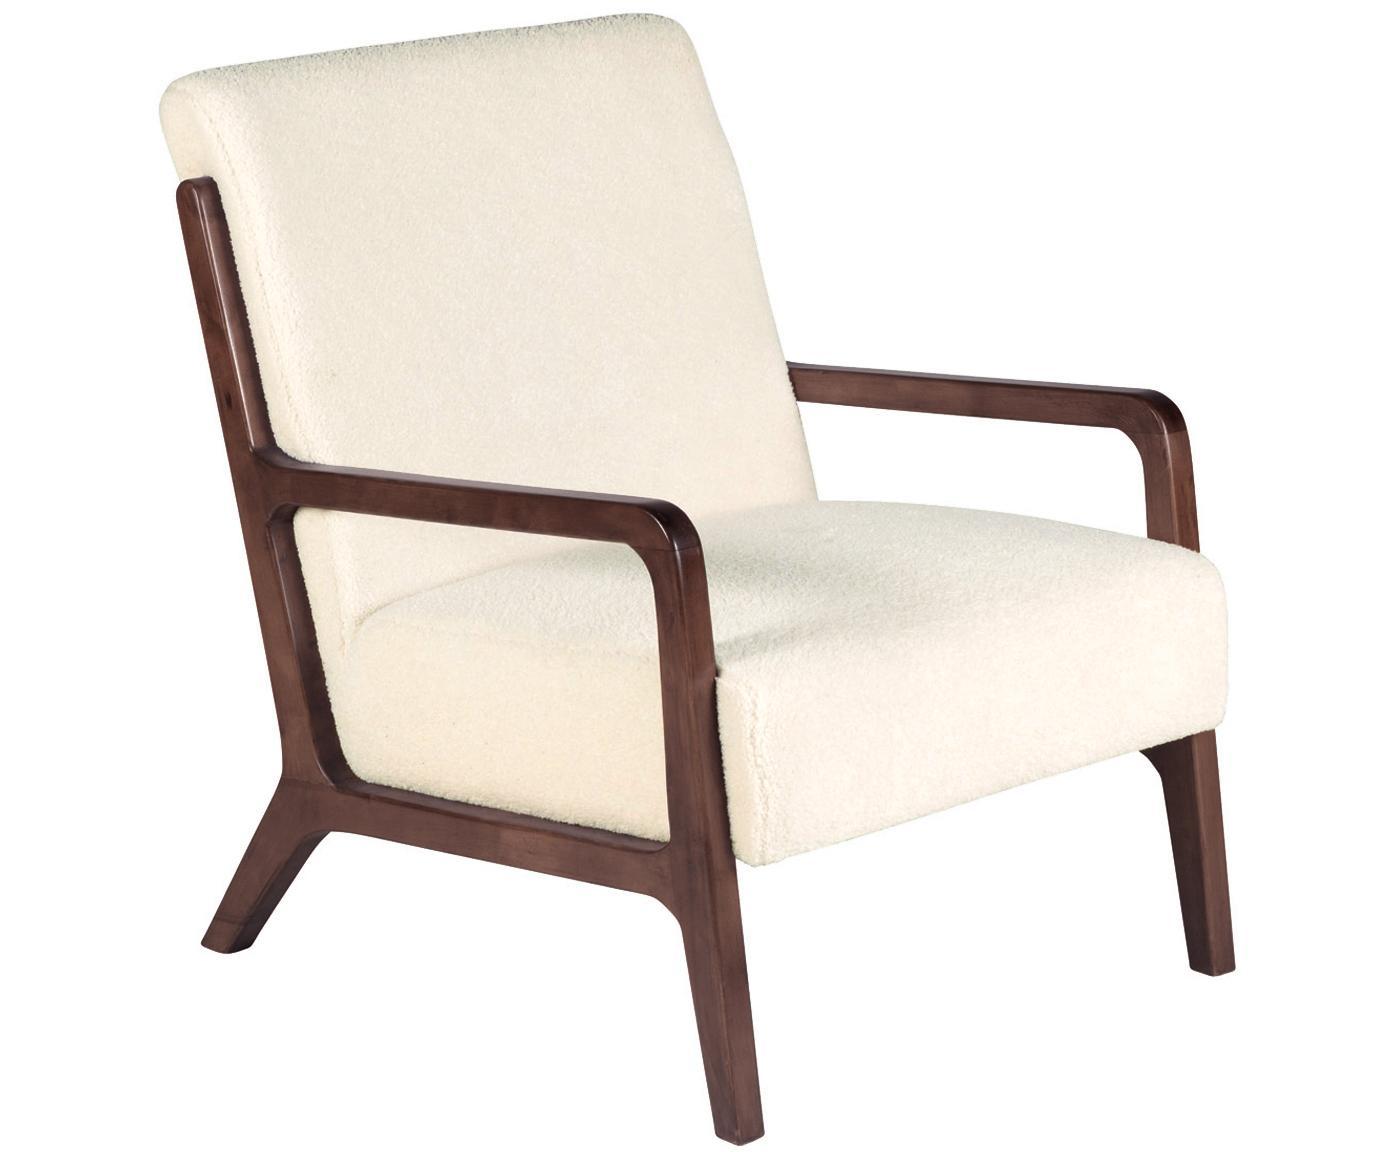 Fotel Teddy Naia, Tapicerka: poliester (sztuczne futro, Stelaż: drewno dębowe, masywne i , Złamana biel, S 76 x G 67 cm